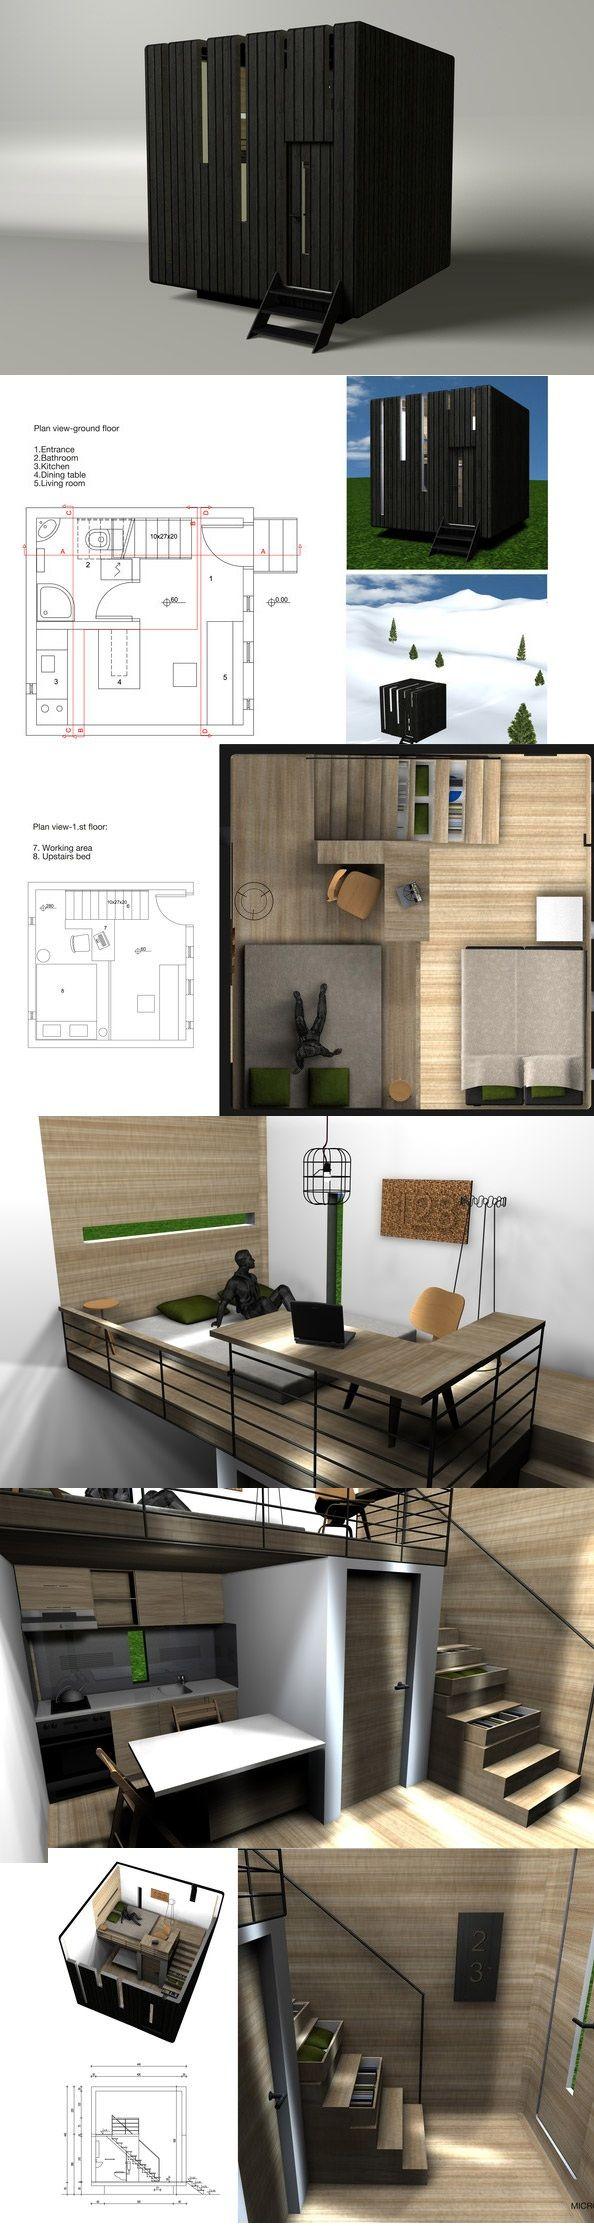 braucht gr erer fenster ist aber ansonsten mein traumhaus hospitality pinterest. Black Bedroom Furniture Sets. Home Design Ideas